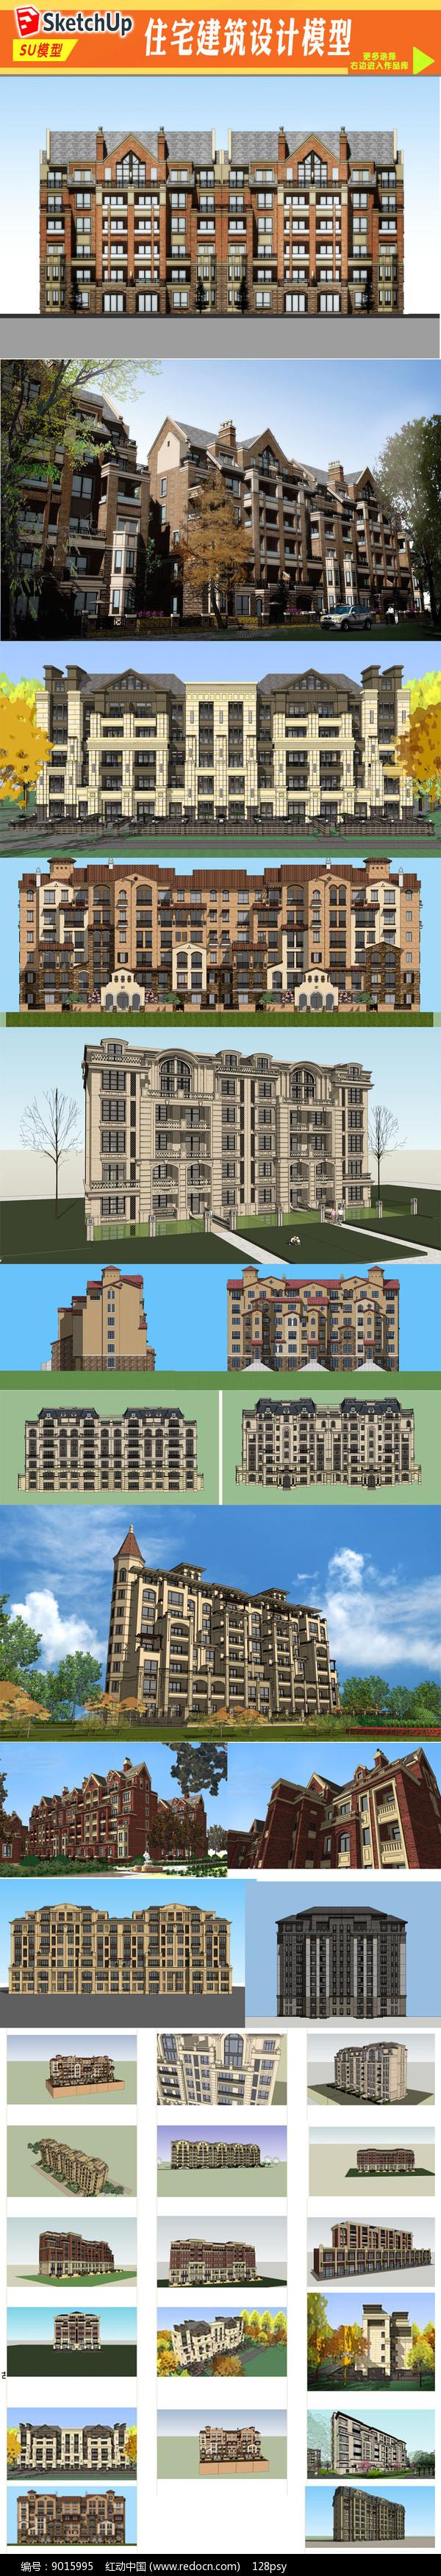 欧式小区住宅建筑设计模型图片